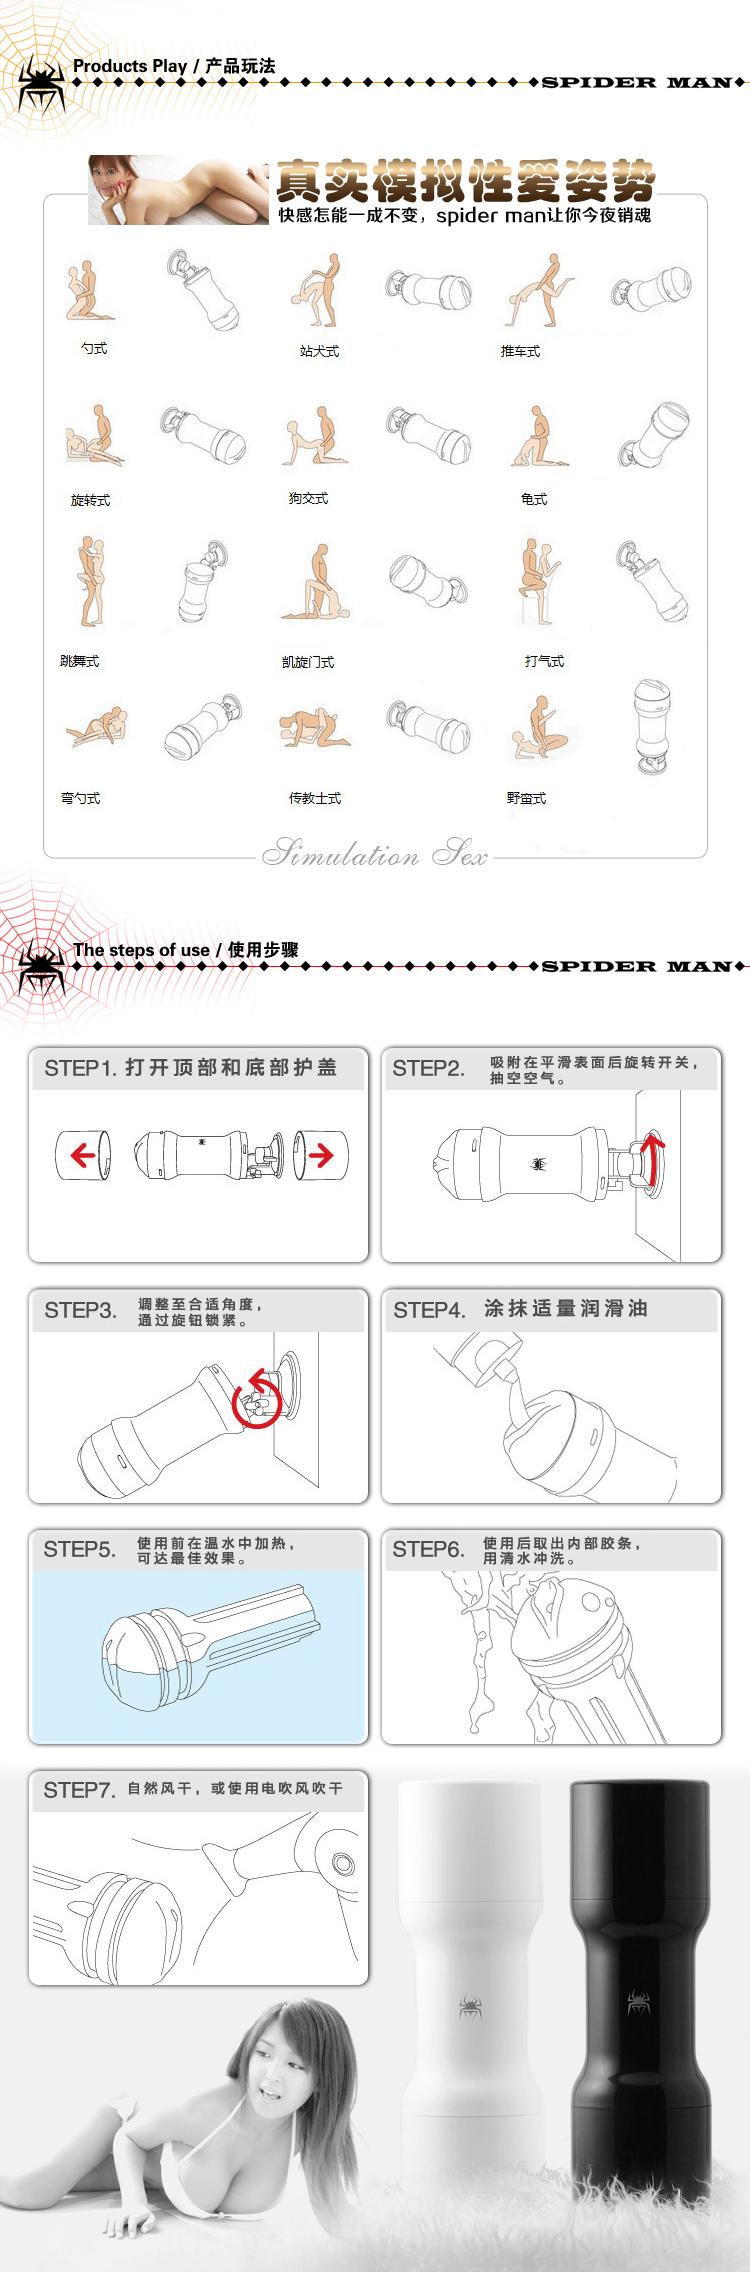 摇控蜘蛛杯产品描述1_06